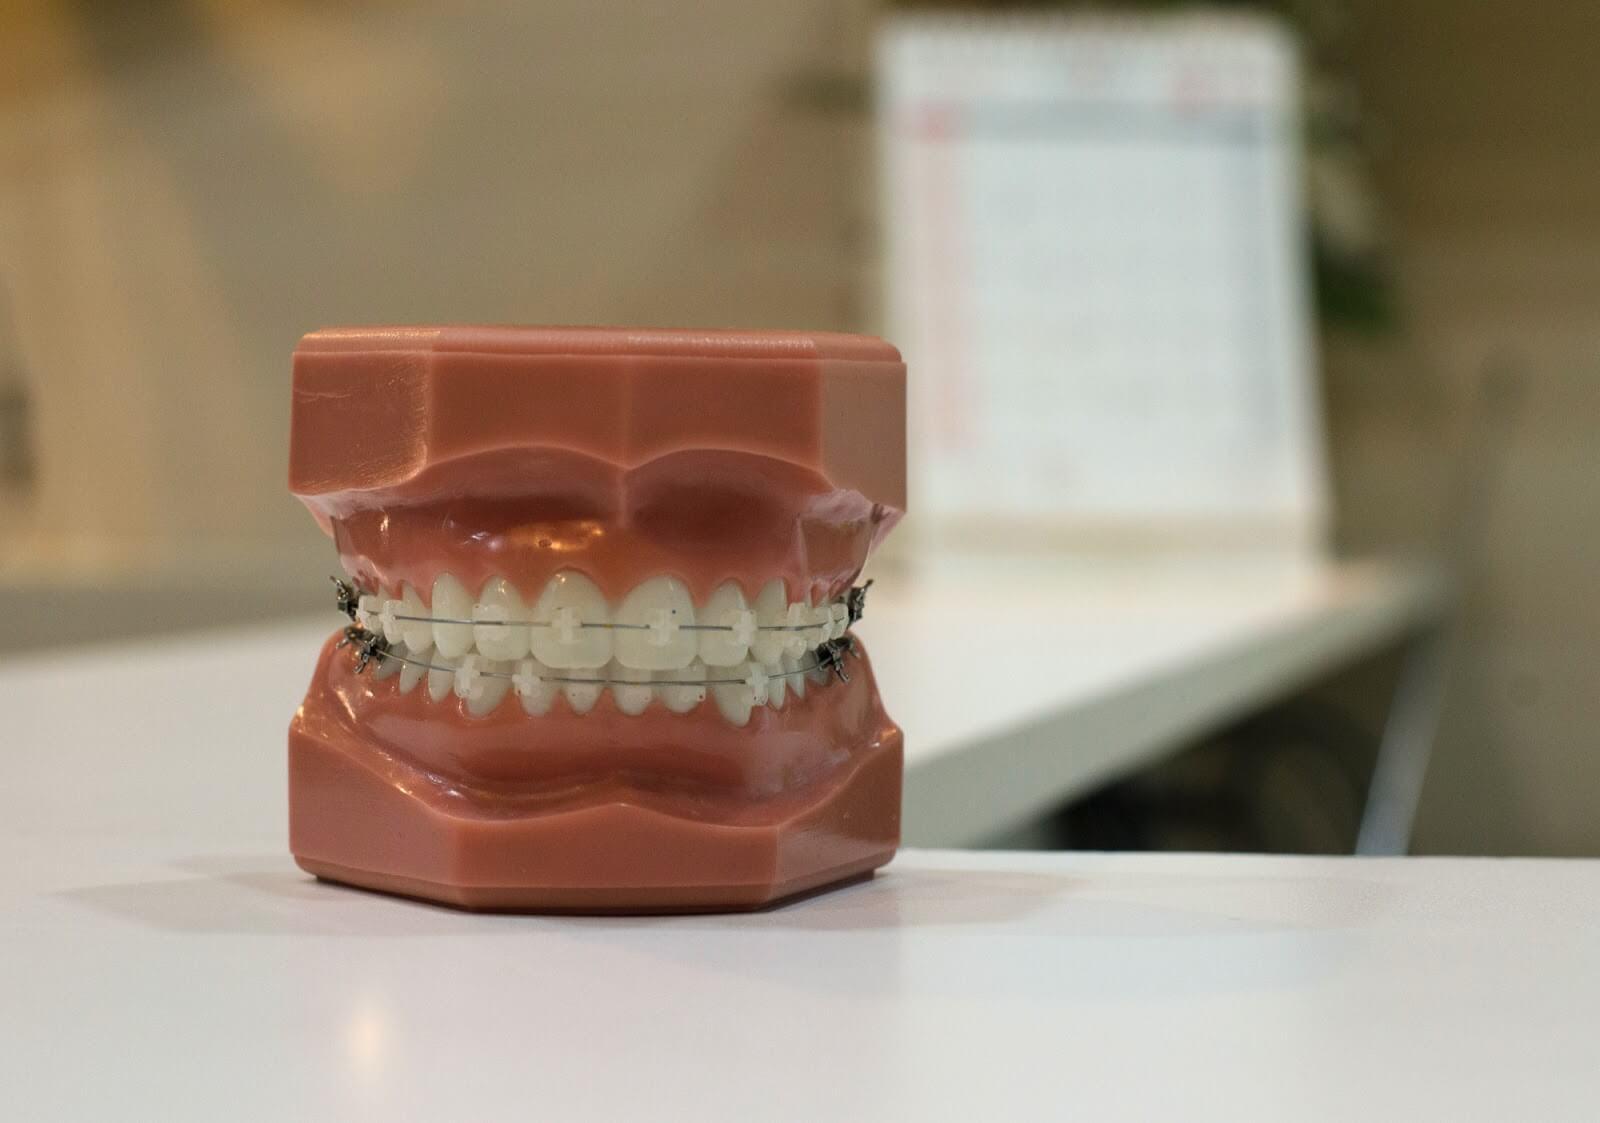 a set of fake teeth sitting on a desk